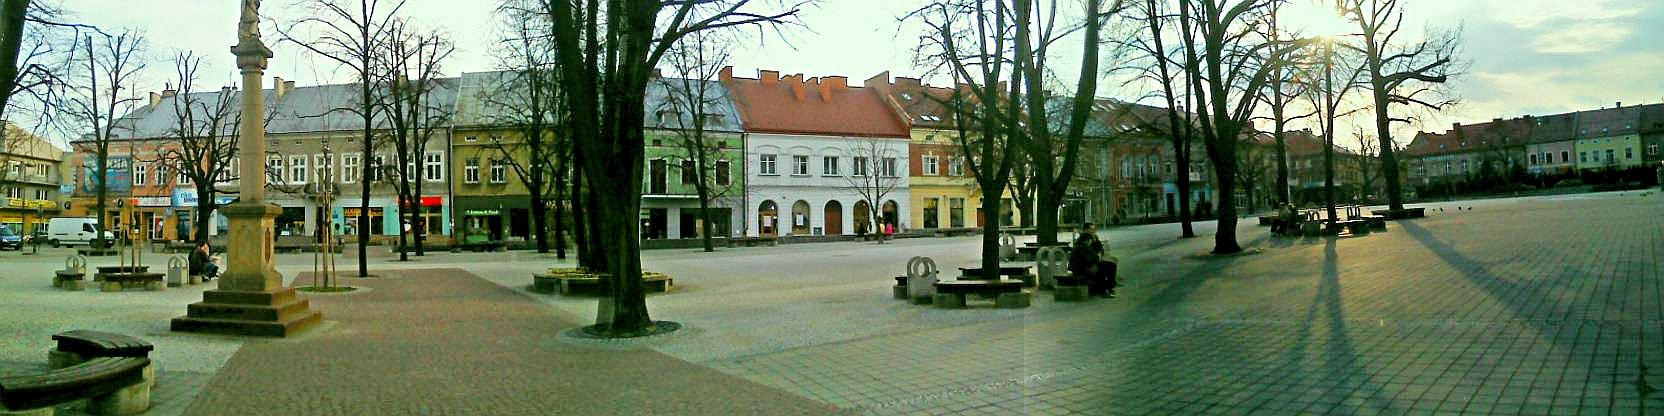 Zdjęcie rynku w Jaśle